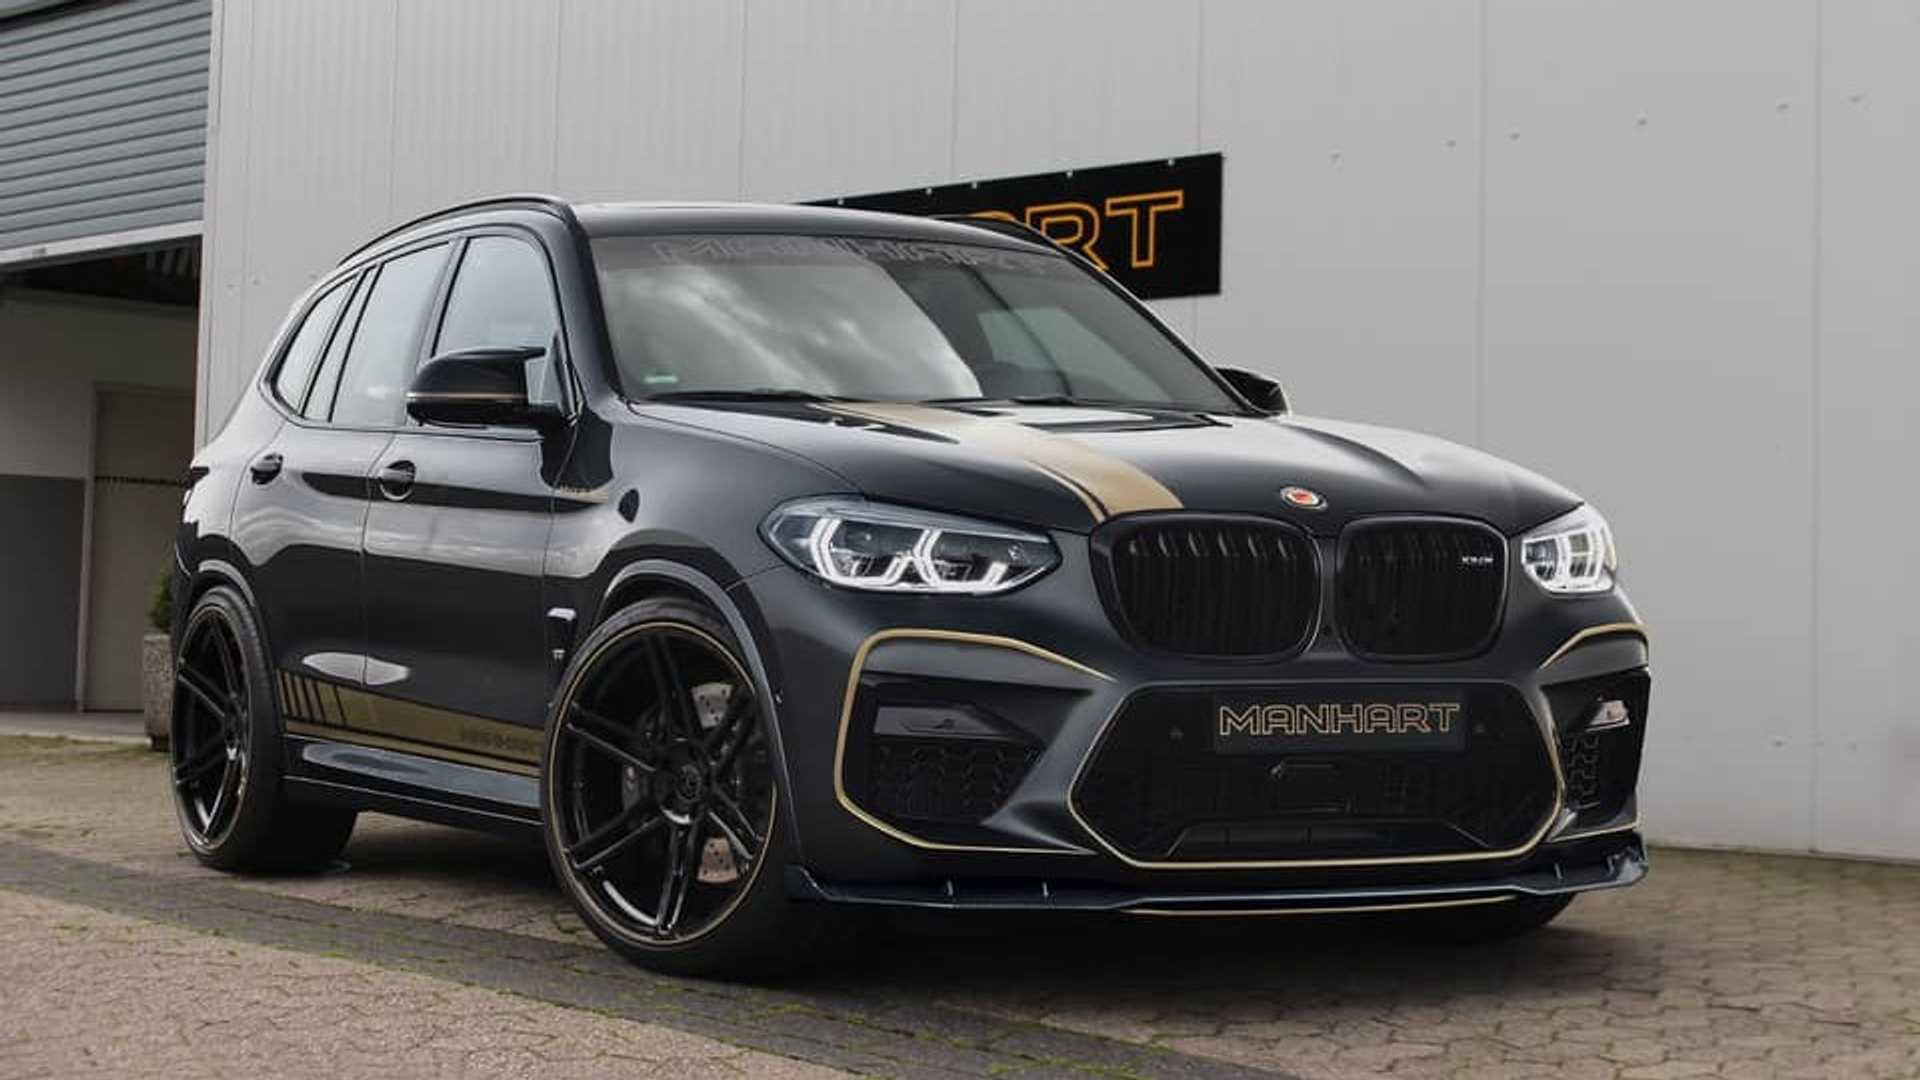 Команда ателье Manhart выпустила свою версию BMW X3 M Competition. Отдачу «шестерки» с битурбо подняли на 20%, с 510 л.с. и 600 Нм до 630 л.с. и 785 Нм.